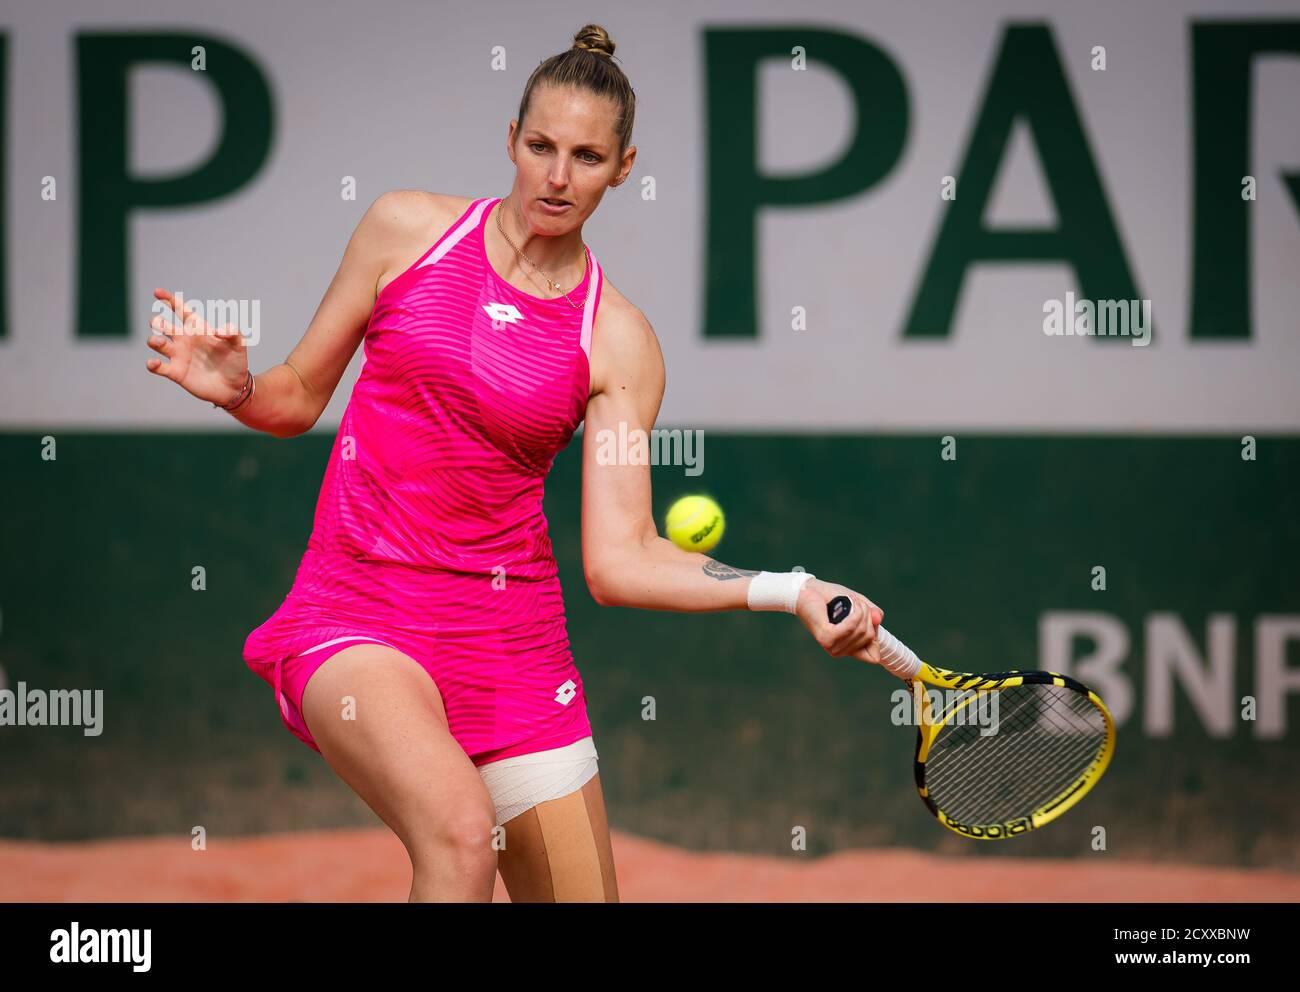 Kristyna Pliskova de la República Checa jugando dobles con Viktoria Kuzmova en el Roland Garros 2020, Grand Slam torneo de tenis, el 30 de septiembre Foto de stock